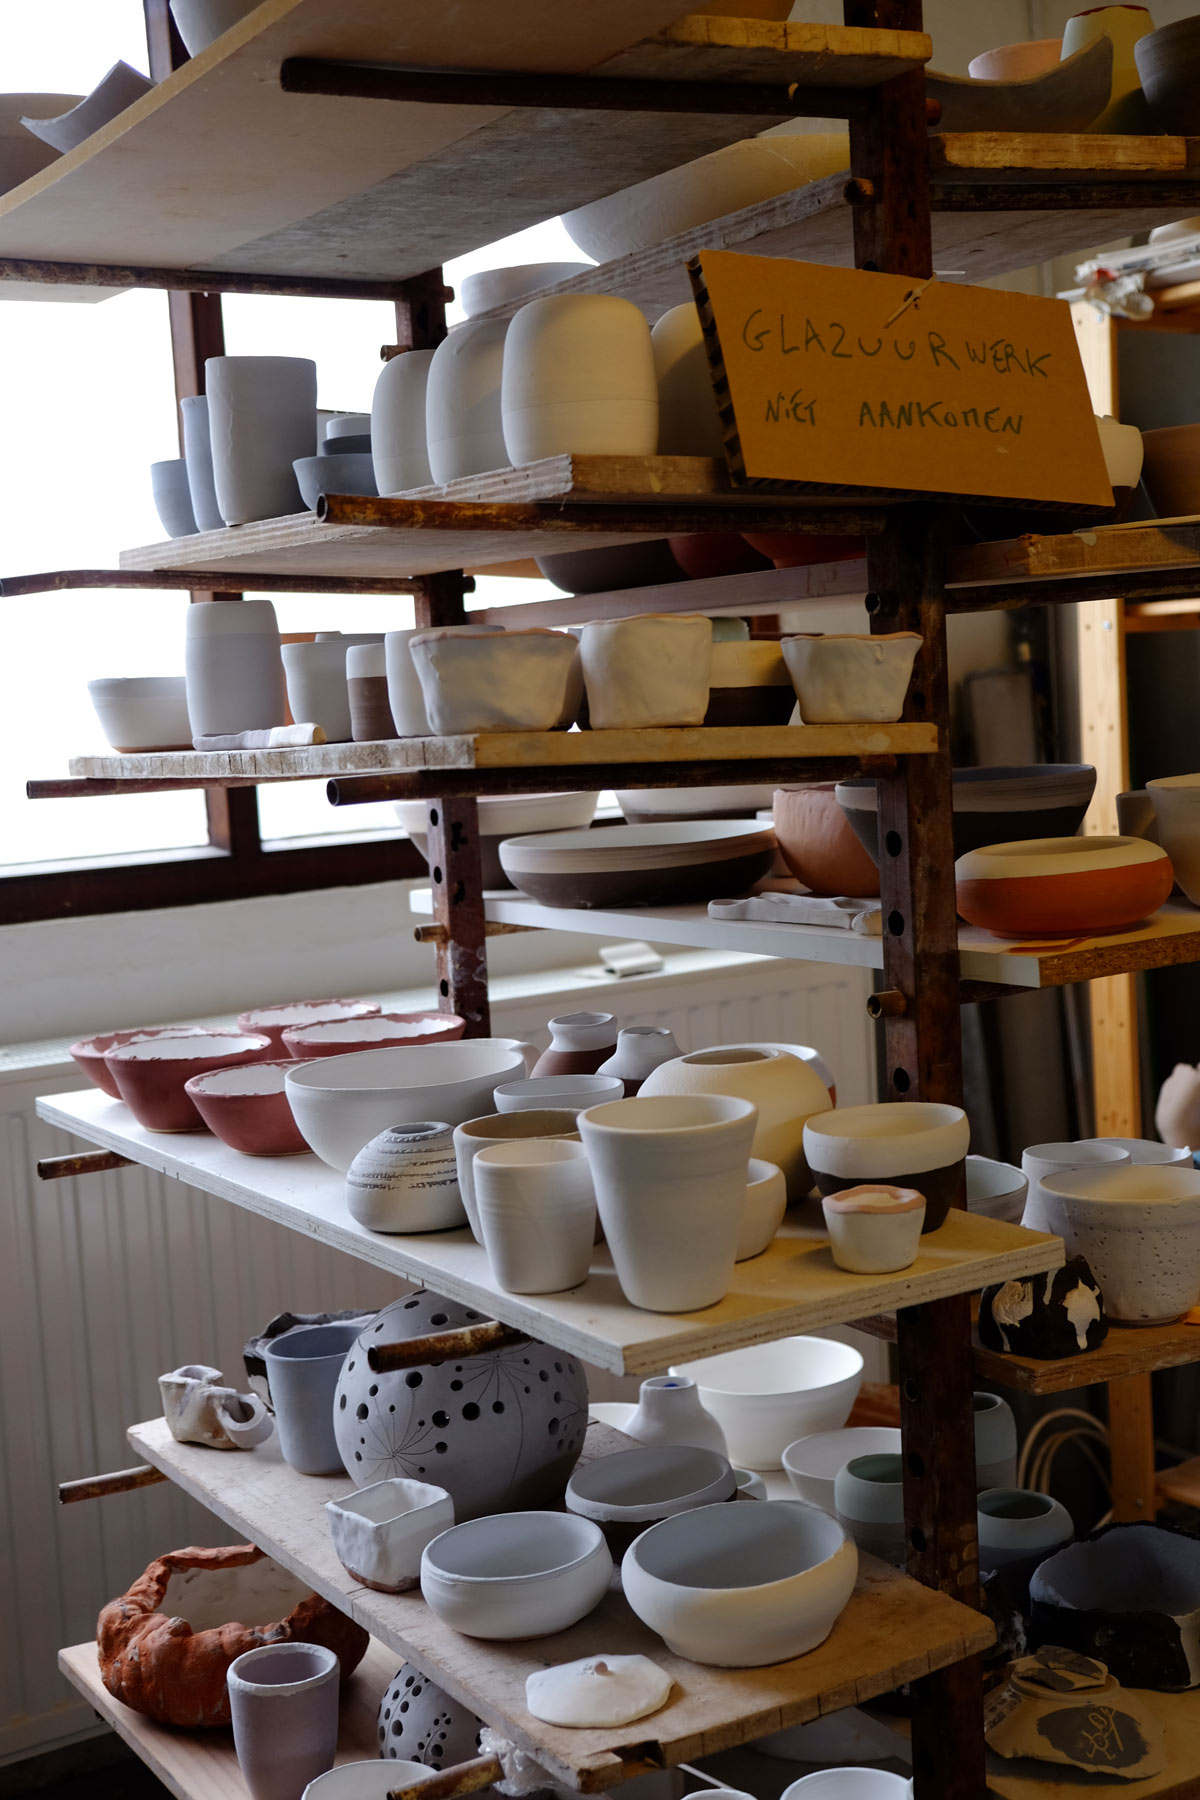 keramika-keramieklessen-glazuren